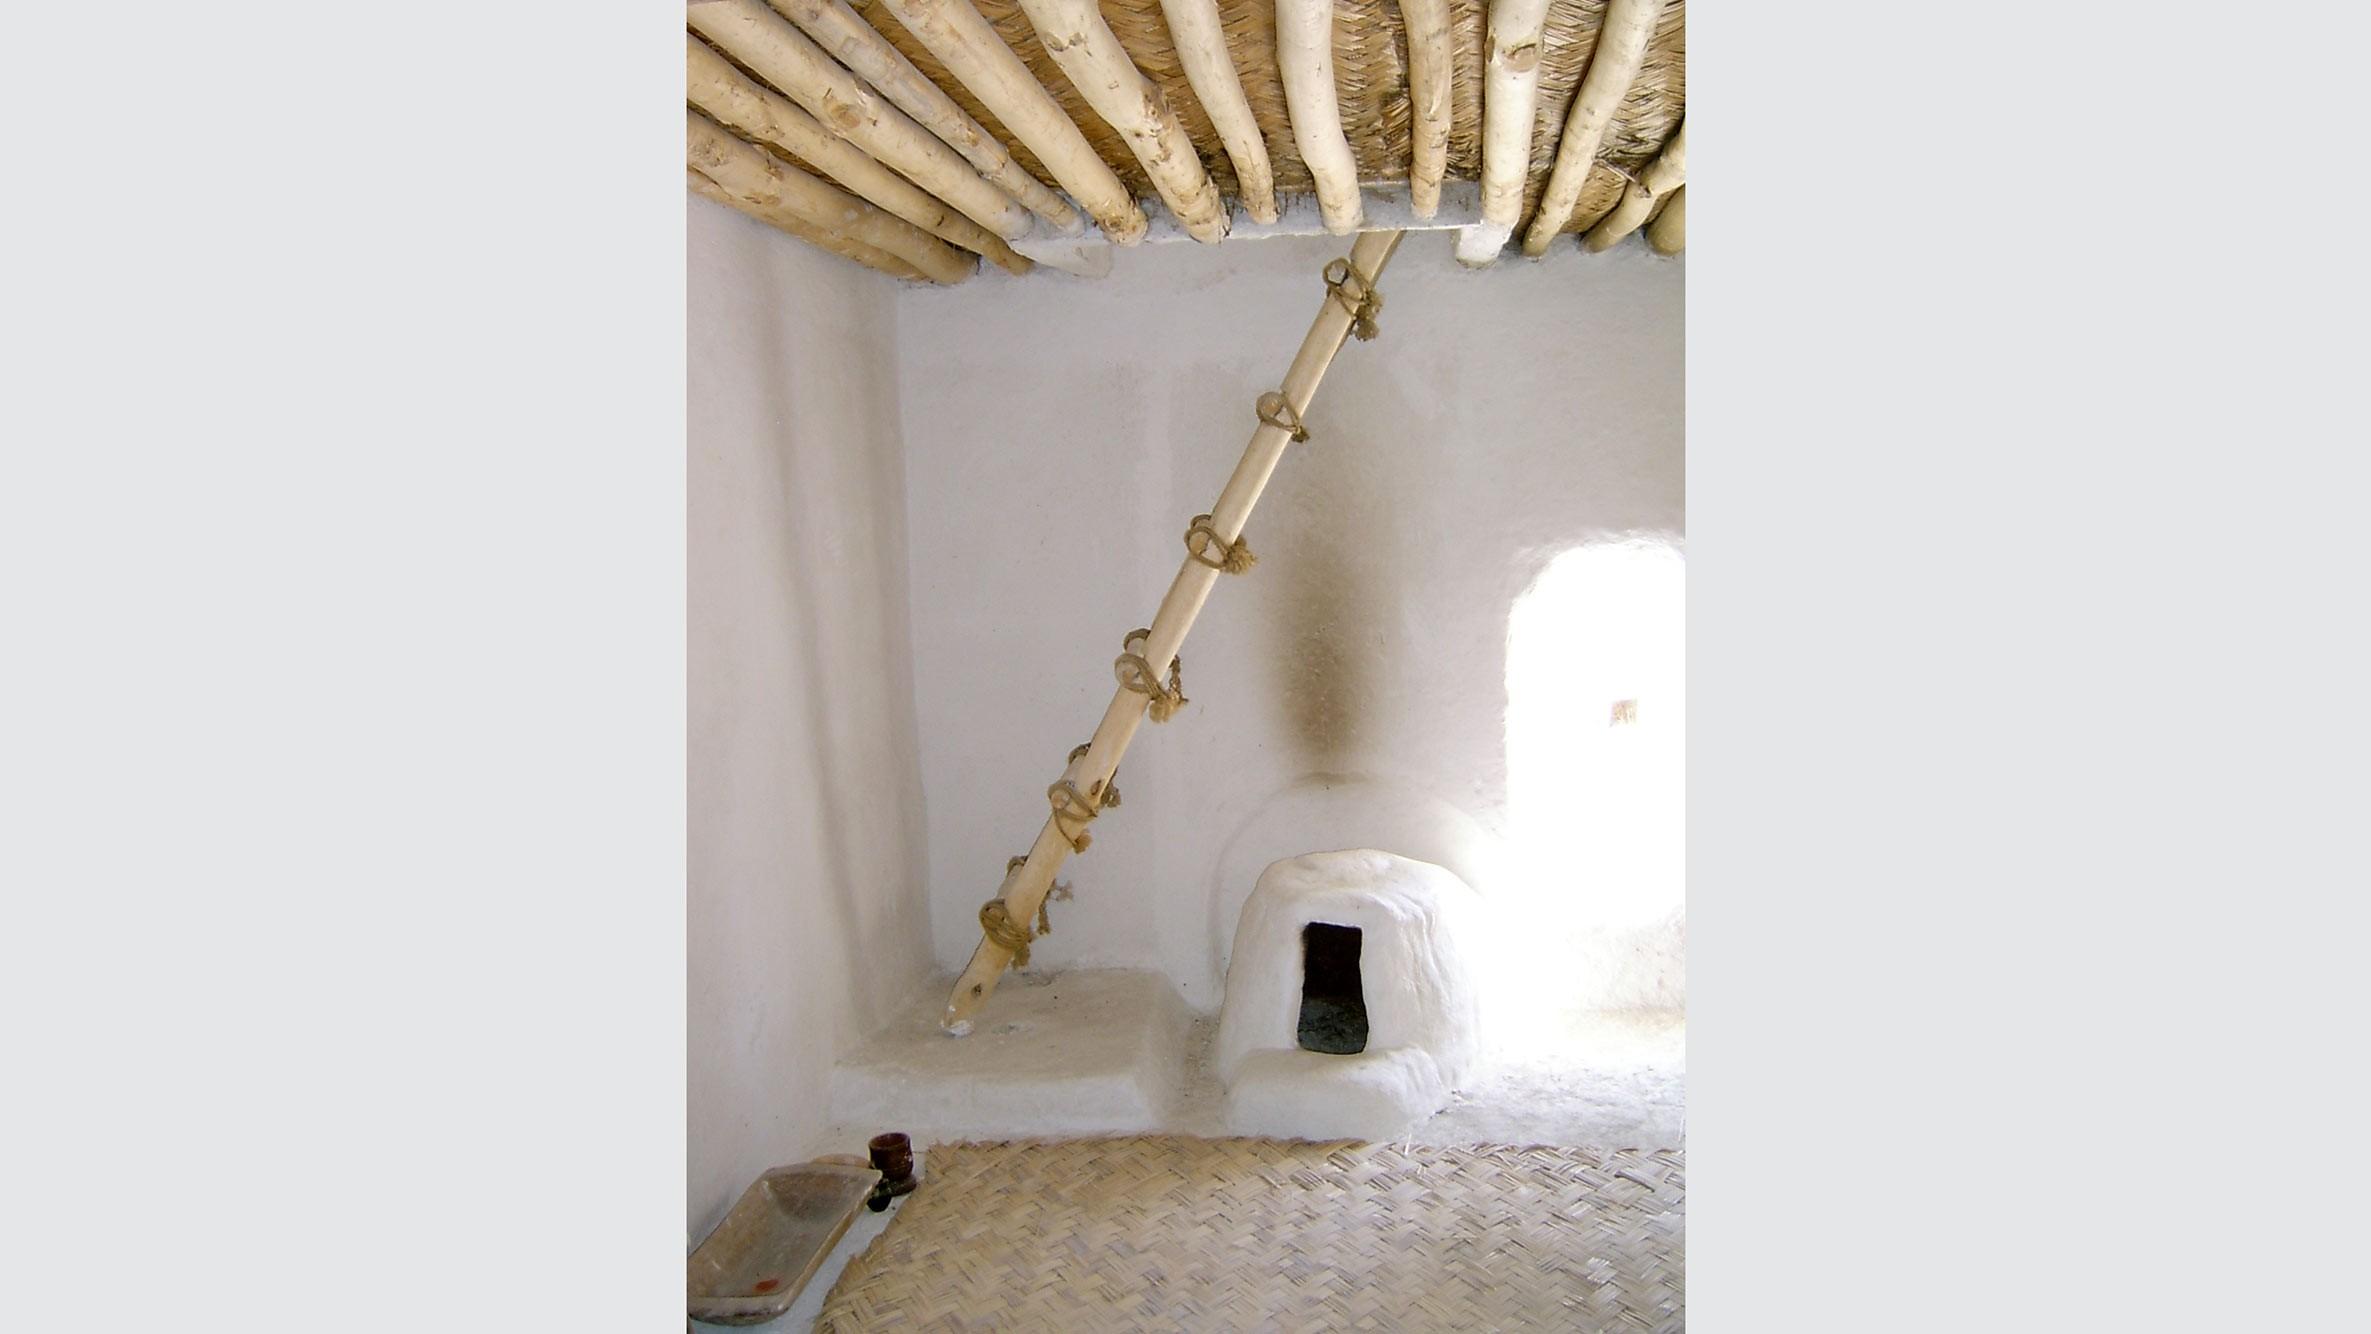 Rekonstruktion eines Innenraums